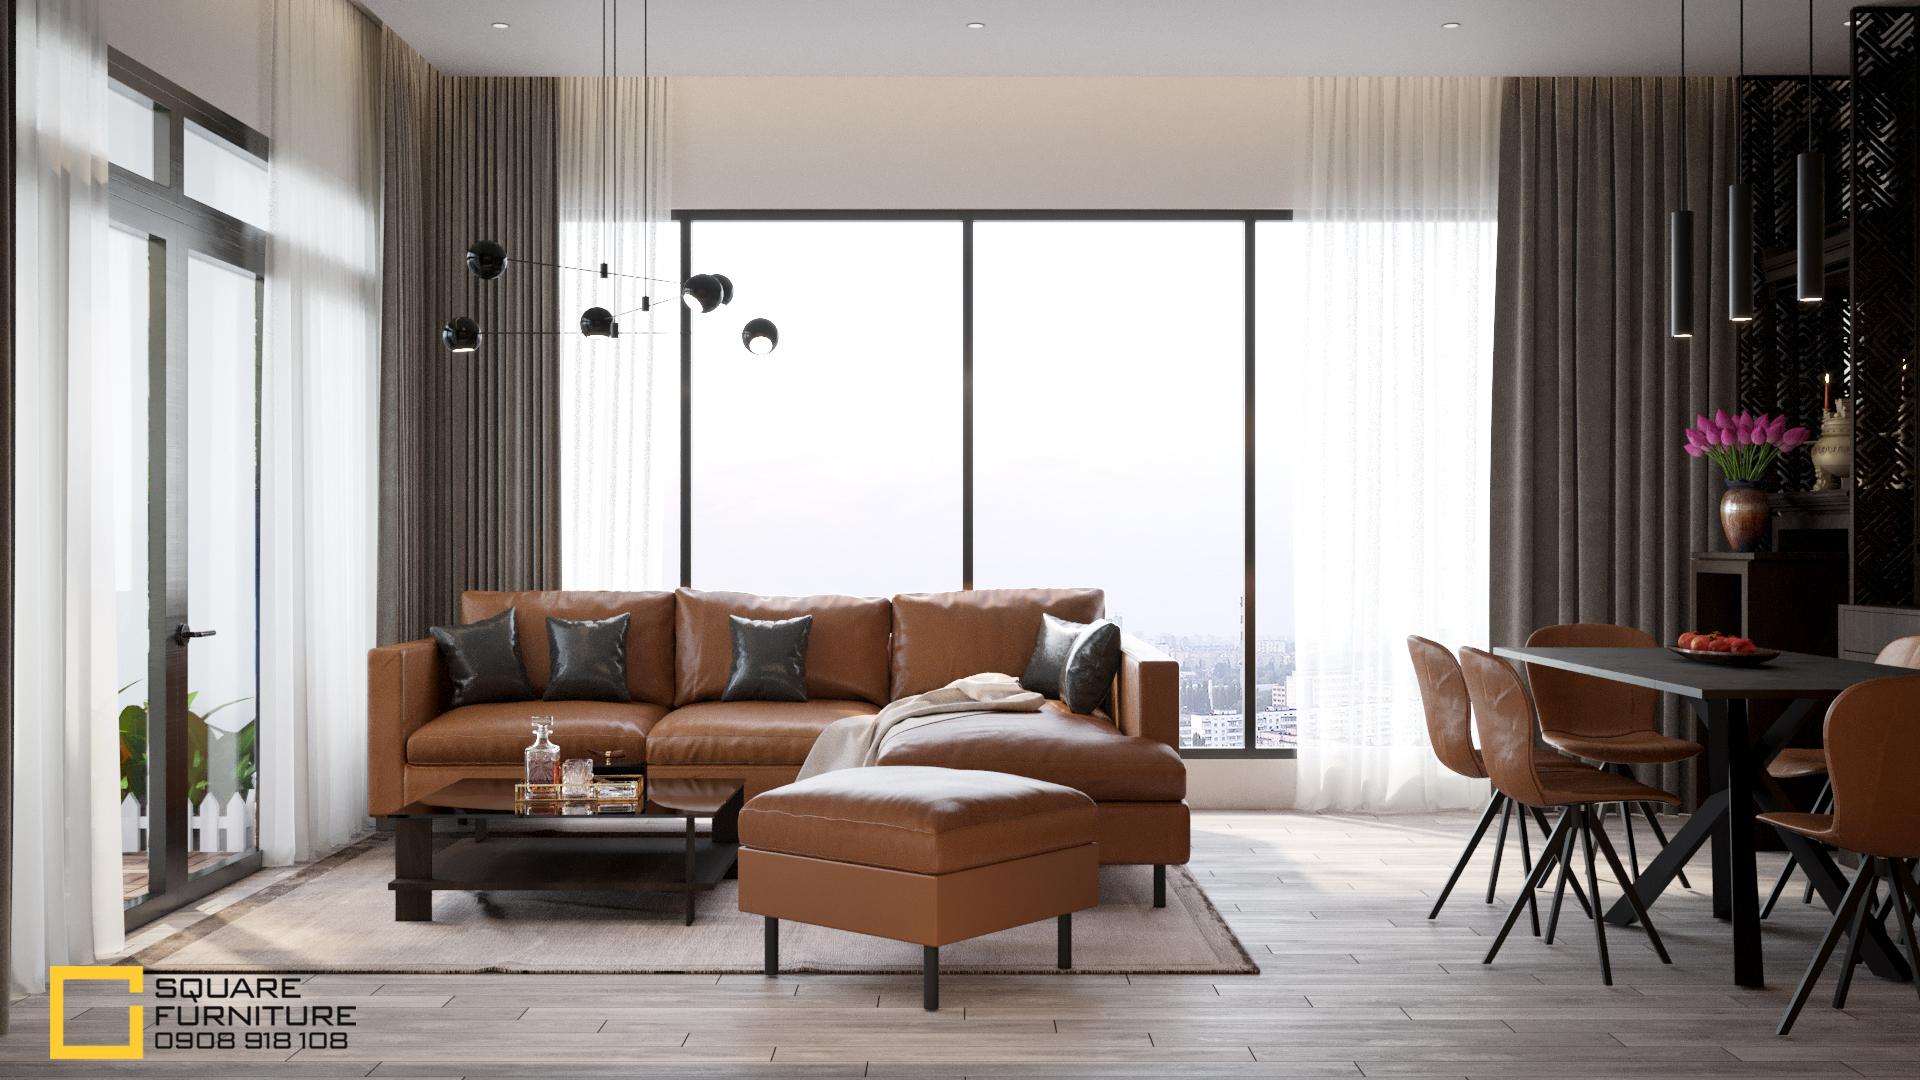 thiết kế nội thất chung cư tại Hồ Chí Minh Căn hộ Haiwaii Đảo Kim Cương 0 1559032071